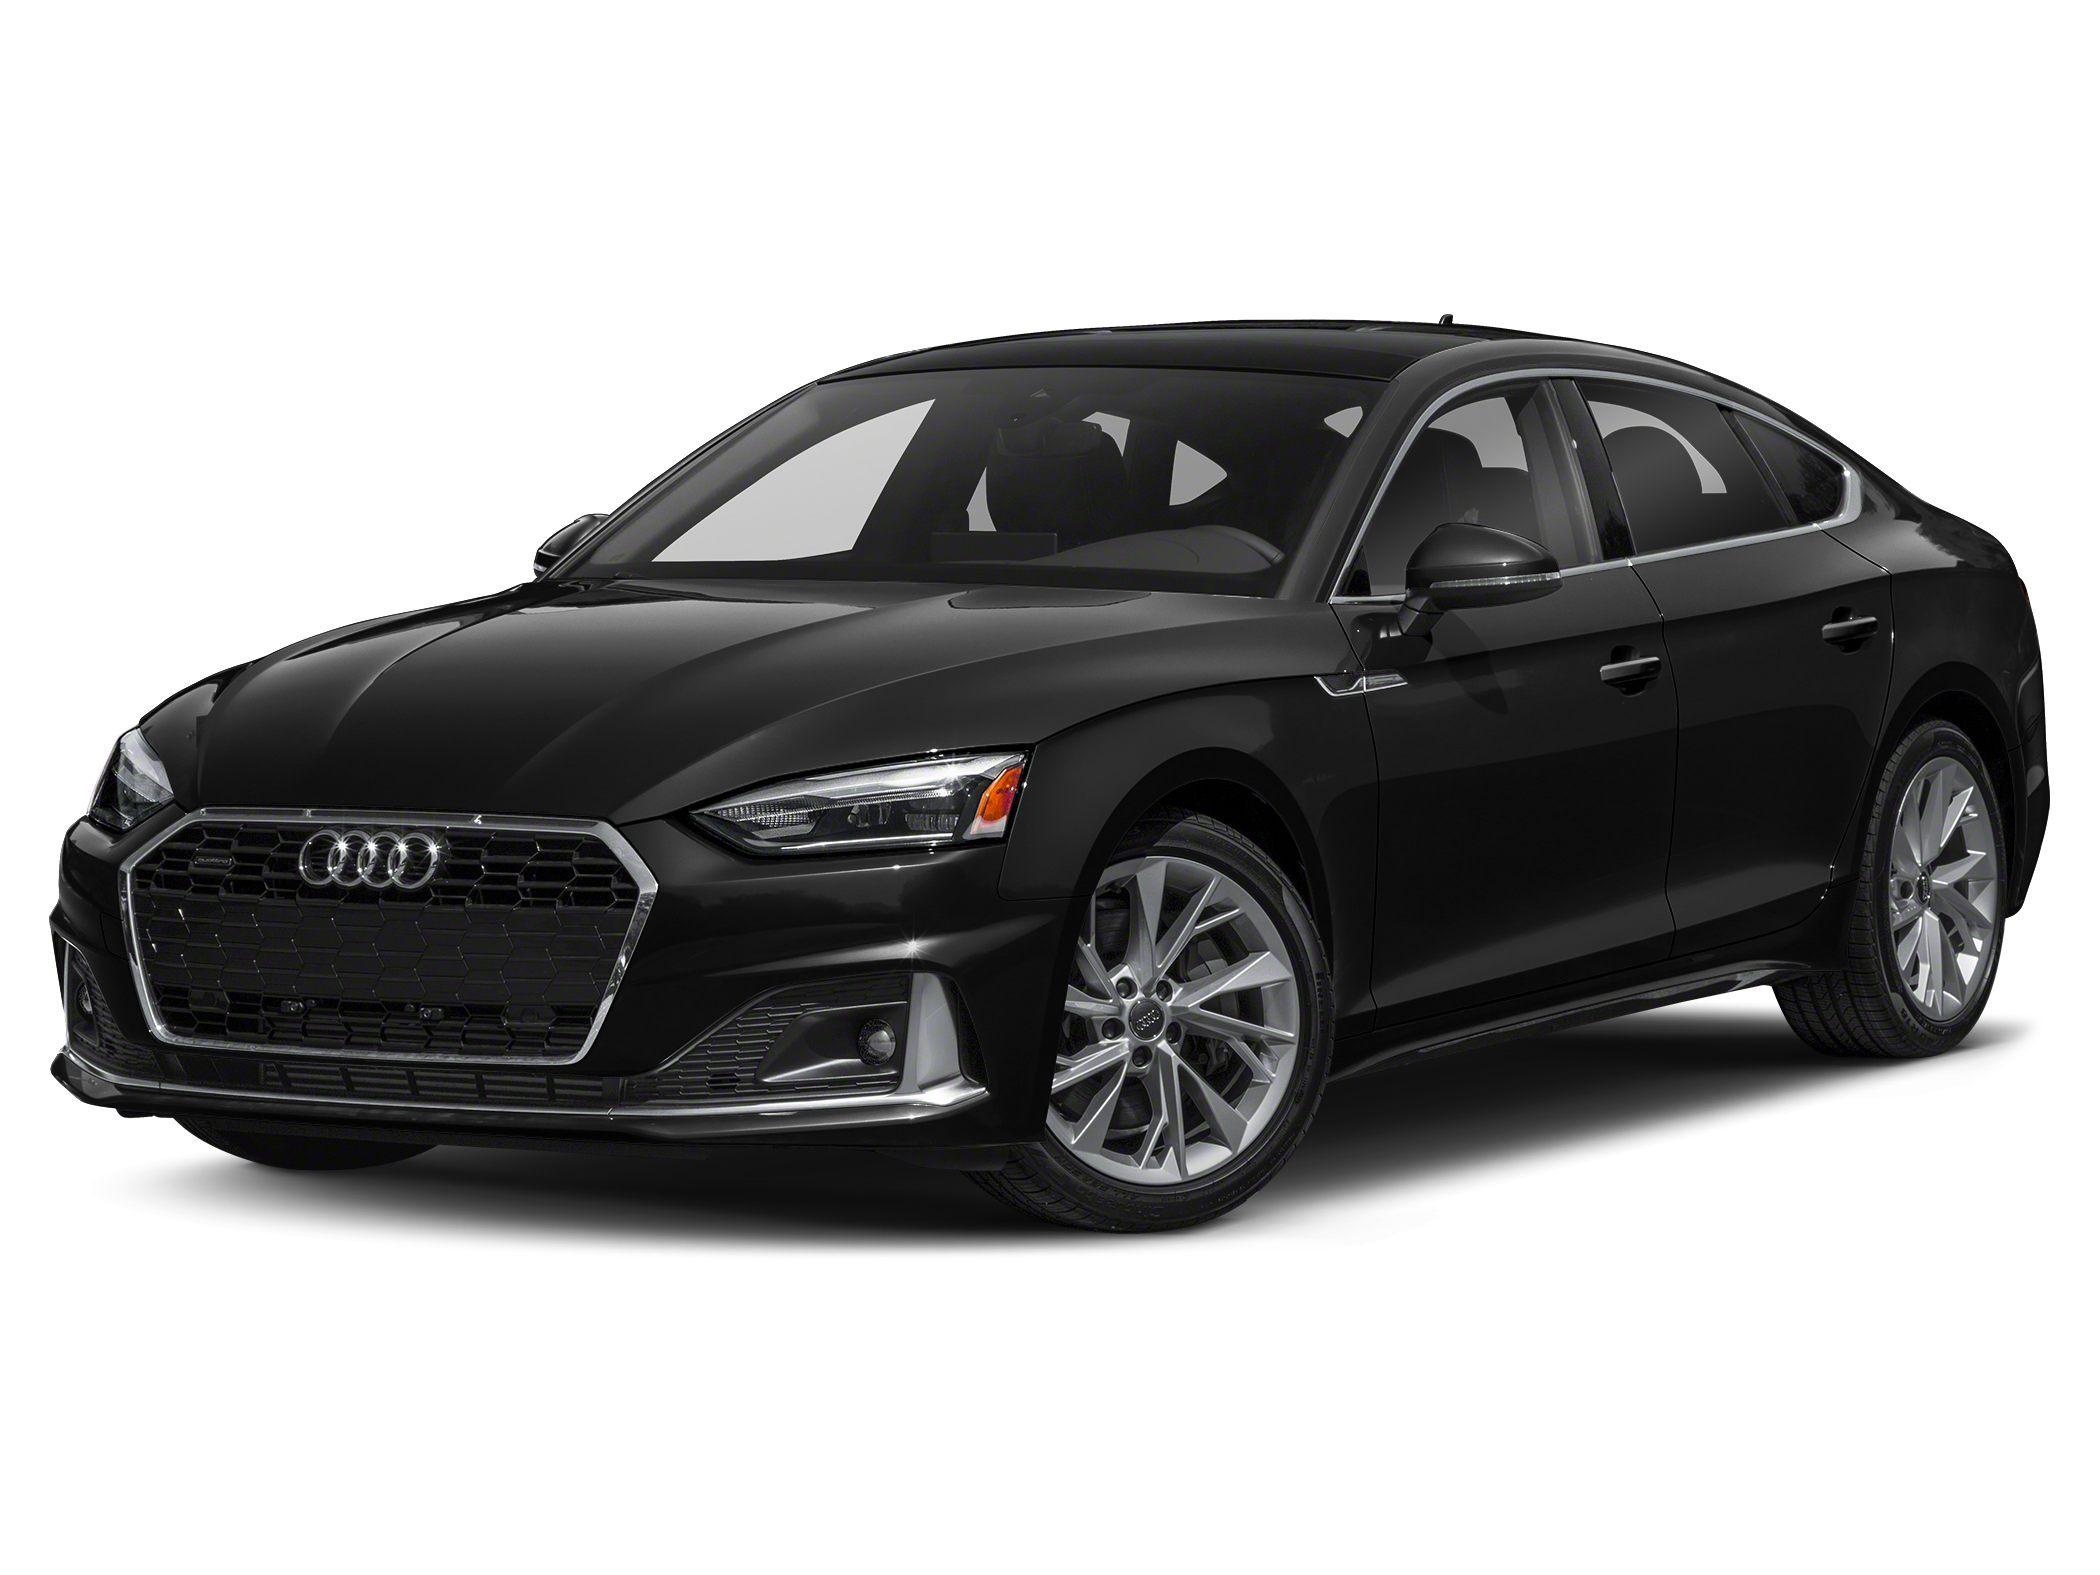 new 2021 Audi A5 Sportback car